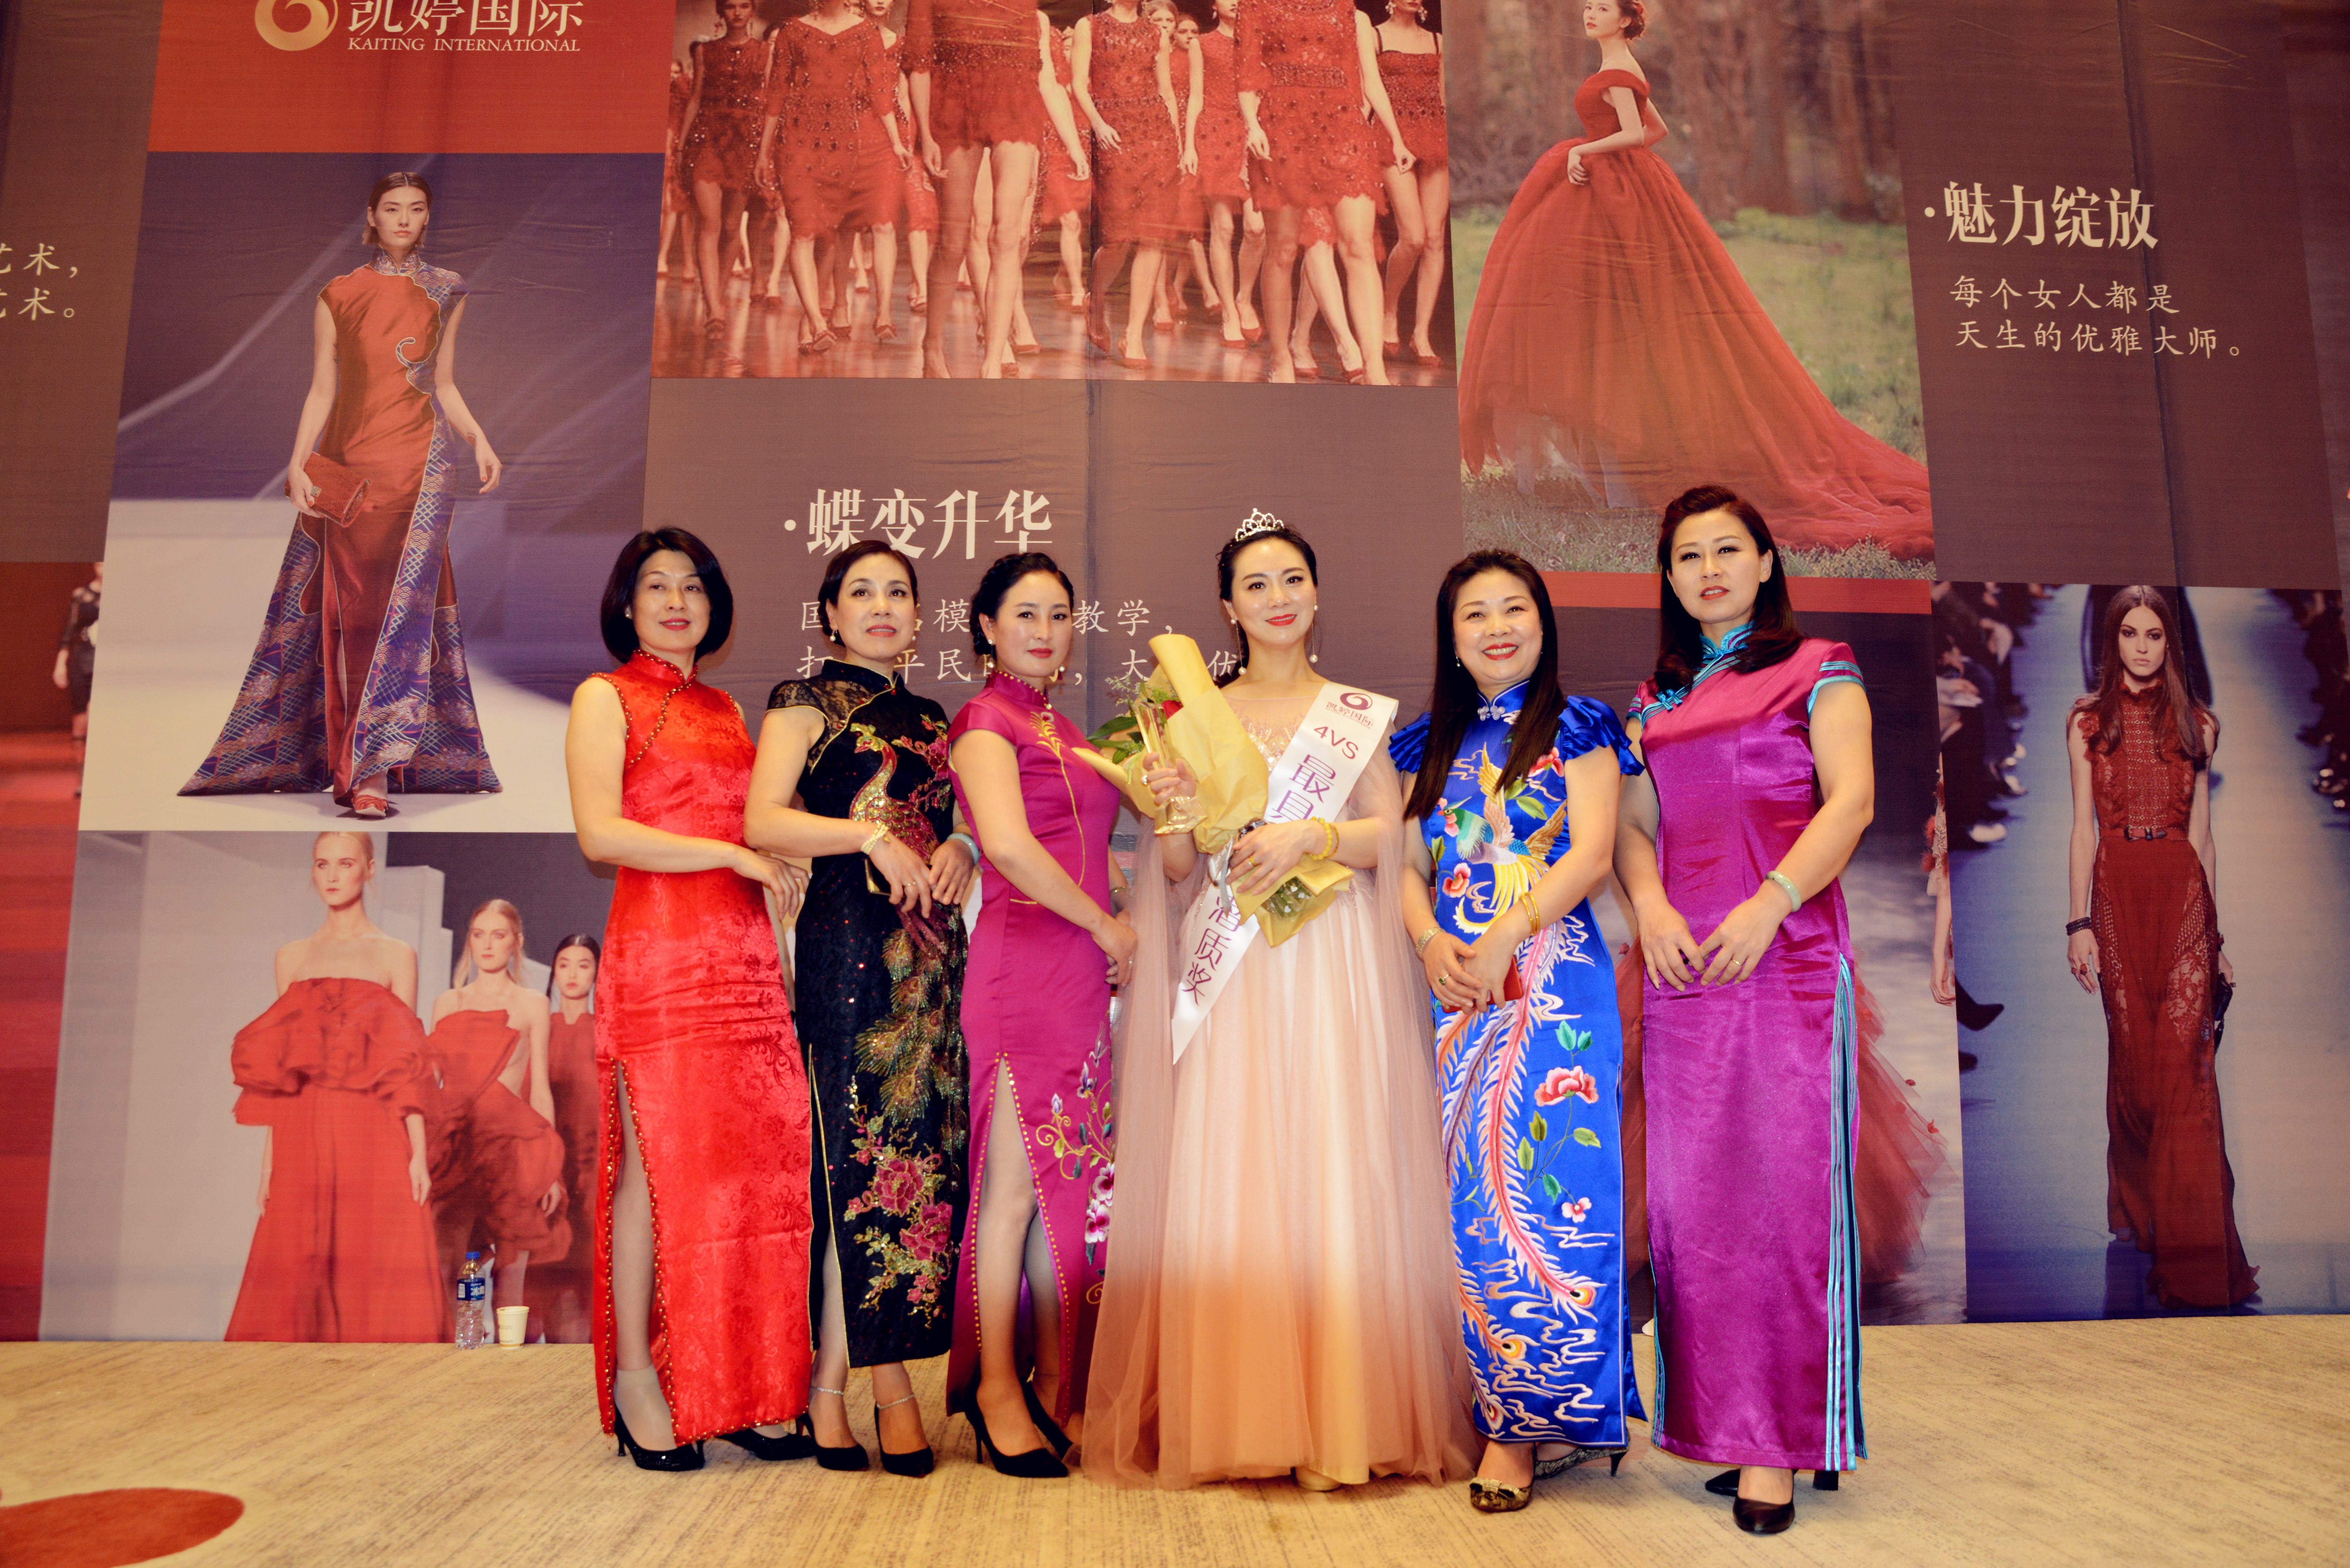 服饰礼仪之旗袍文化 在淮南家喻户晓--淮南市传统文化